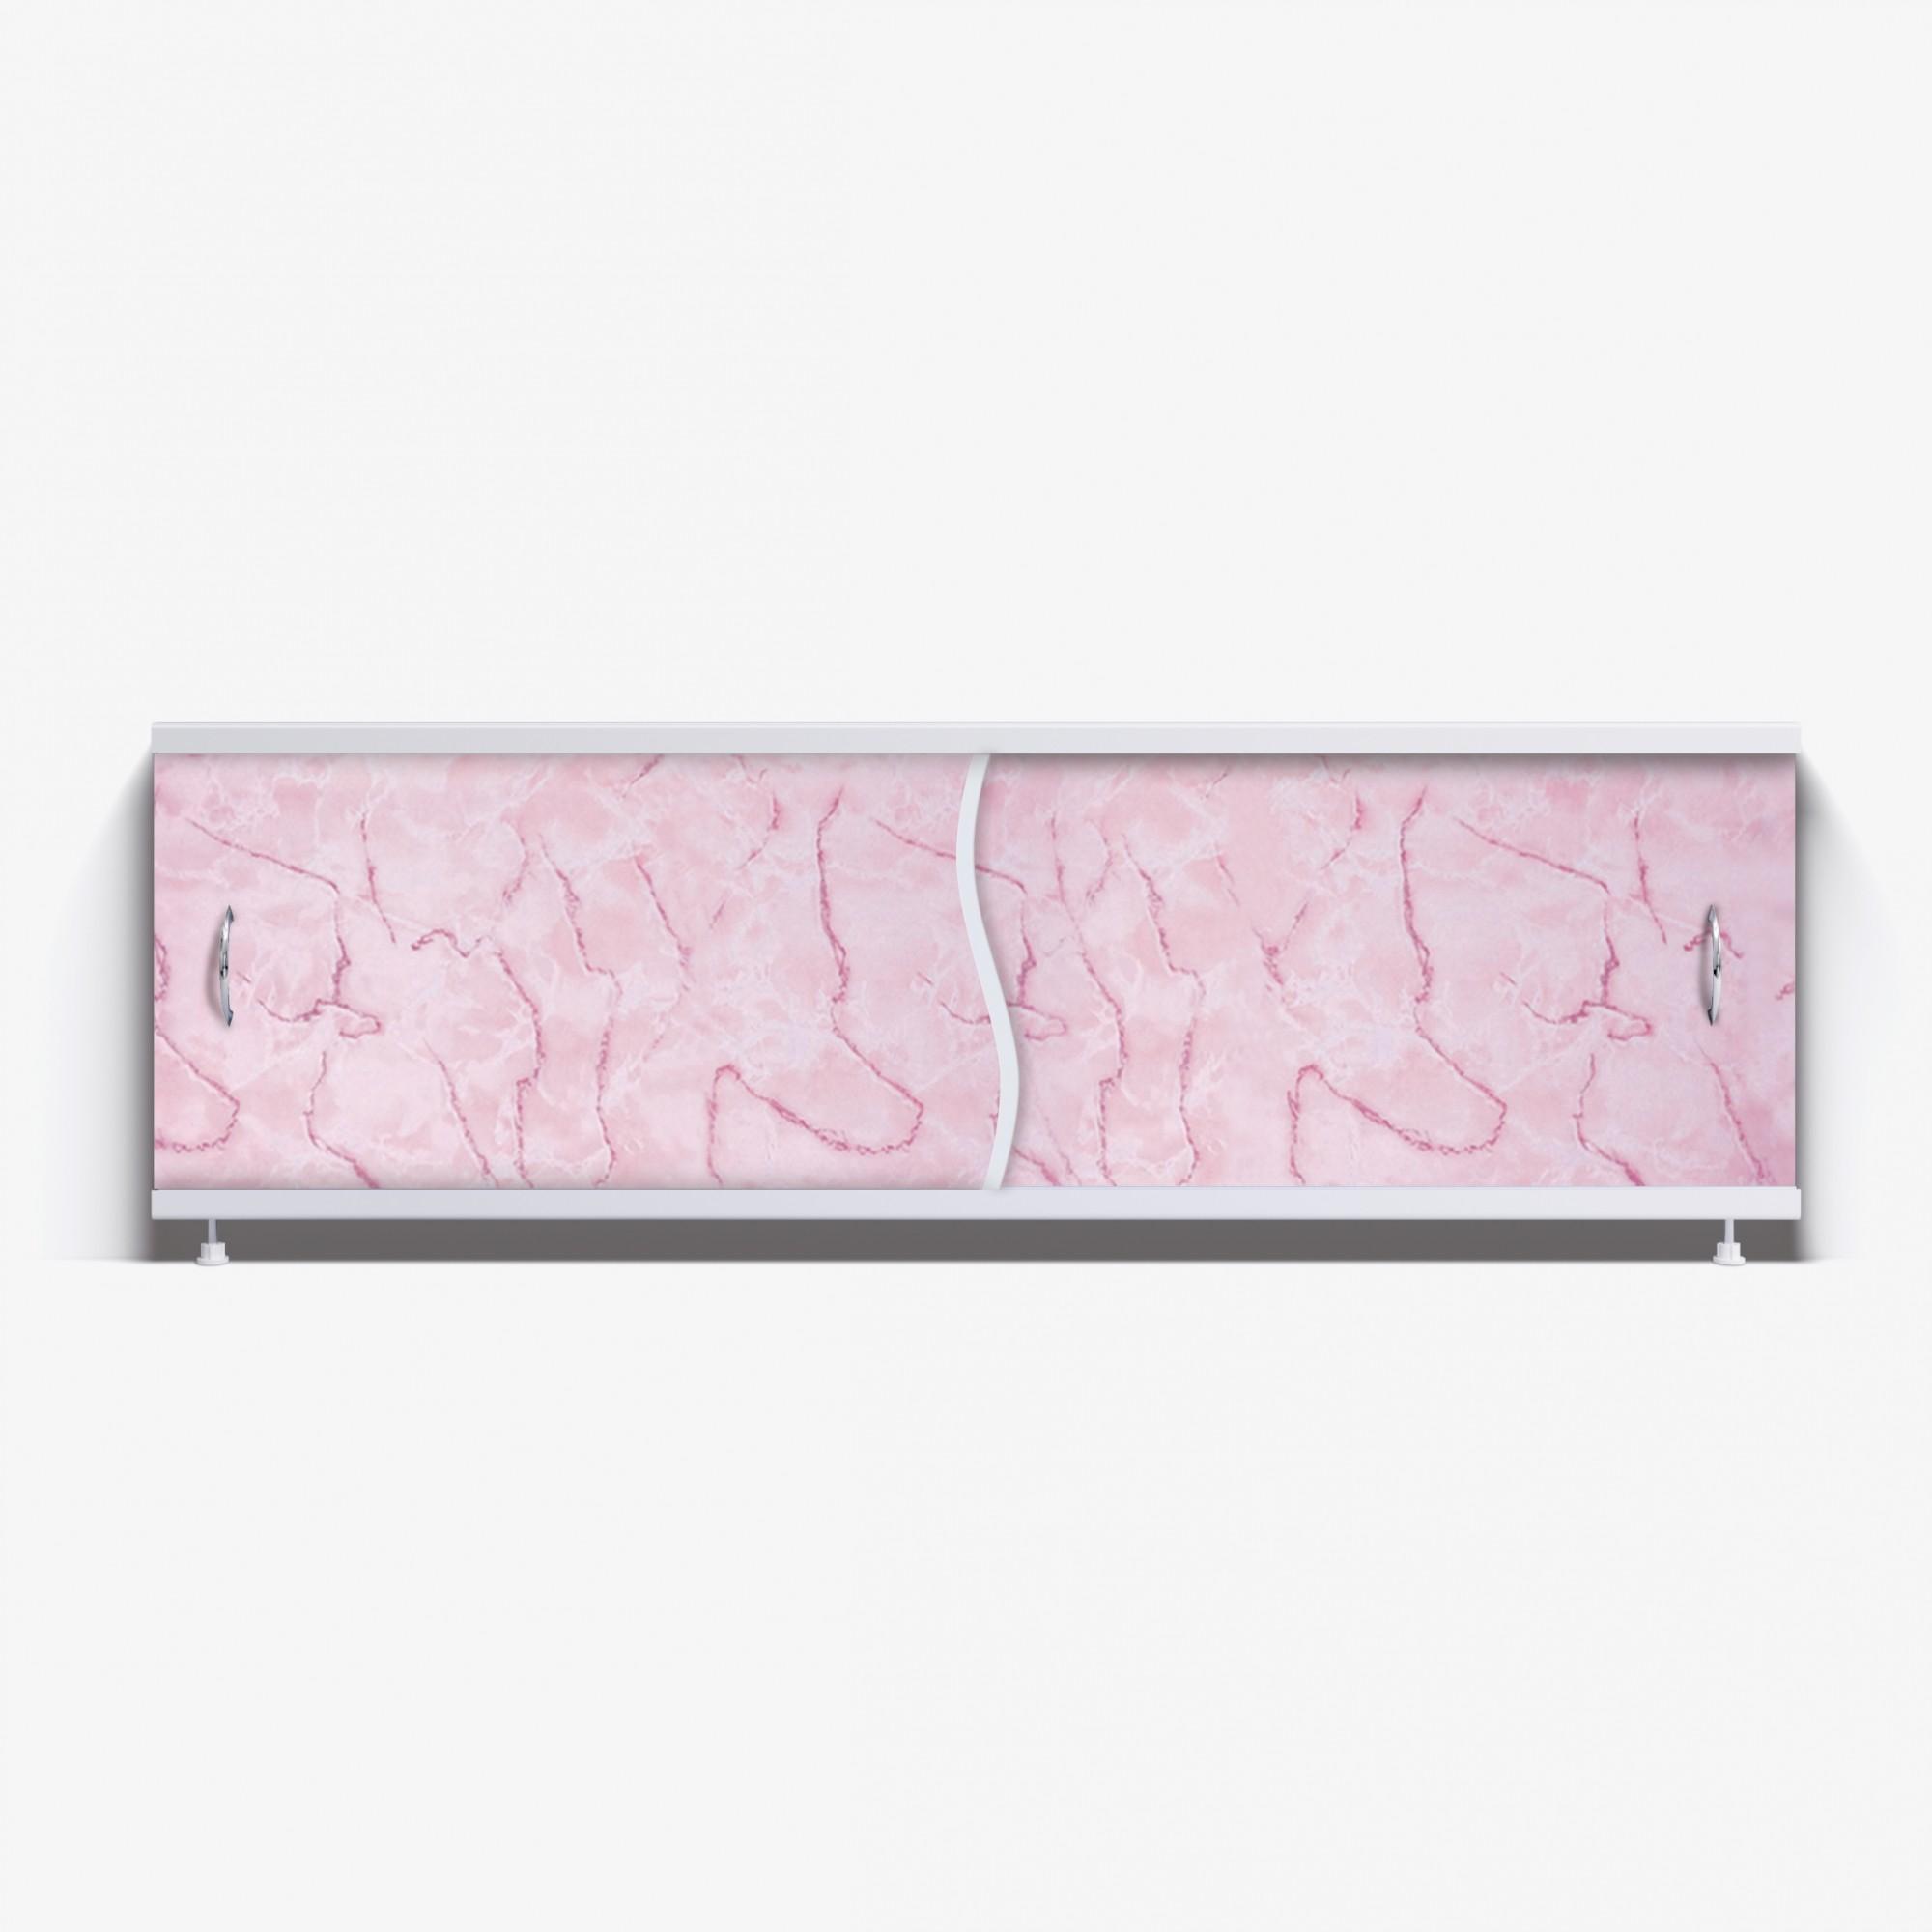 Экран под ванну Премьер 150 розовый мрамор